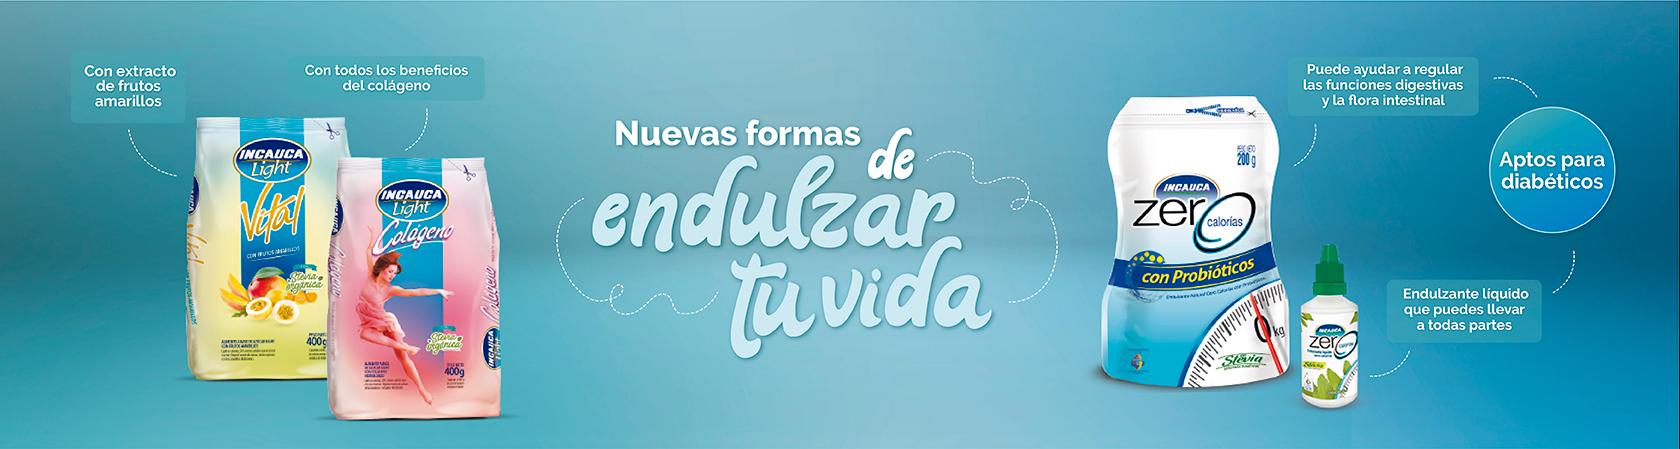 nuevas-formas-de-endulzar_incauca